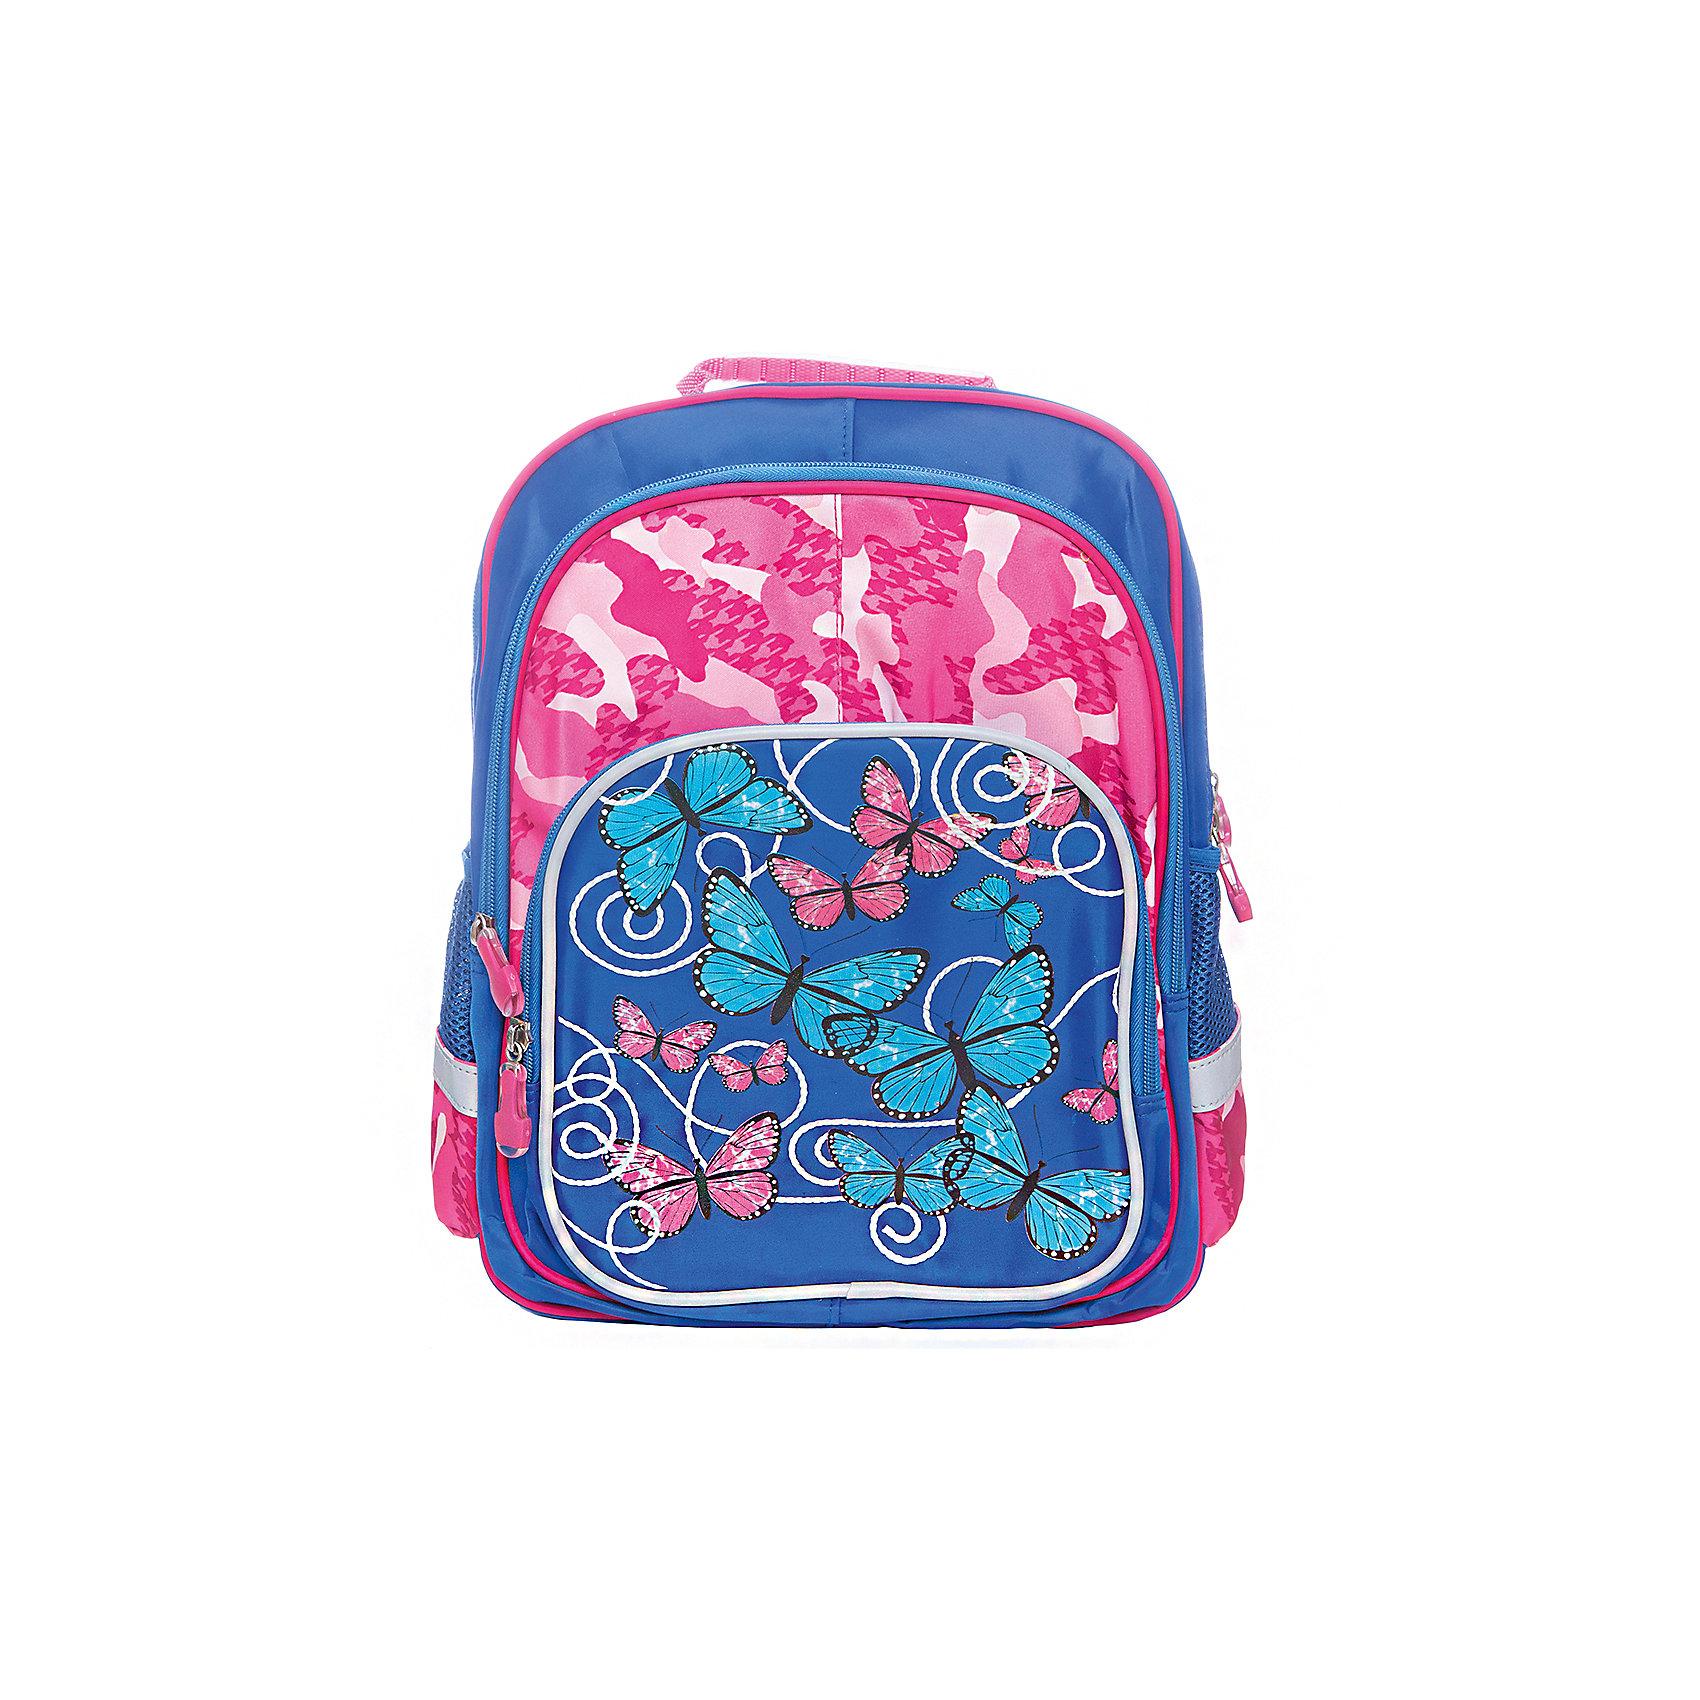 Рюкзак с тремя отделениями Junior Prime Бабочки-цветочки, ортопедическая спинкаРюкзак для младшей школы Junior Prime Бабочки-цветочки удобная, практичная, легкая модель, выполненная в ярком и модном дизайне и отличающаяся всеми необходимыми для комфортной учебы характеристиками. Снаружи ранец оснащен двумя боковыми карманами- сеточками  одним передним карманом на замке, а также устойчивым дном на ножках, защищающим от загрязнения. Внутри ранца находятся два вместительных отдела. Модель рюкзака Junior Prime Бабочки-цветочки соответствует всем необходимым для здоровья и безопасности ребенка требованиям, а именно расположенными на лямках и передней части ранца светоотражающими элементами, широкими регулируемыми лямками, а также эргономичной спинкой, повторяющей естественный изгиб позвоночника.<br><br>Ширина мм: 400<br>Глубина мм: 400<br>Высота мм: 320<br>Вес г: 750<br>Возраст от месяцев: 48<br>Возраст до месяцев: 96<br>Пол: Женский<br>Возраст: Детский<br>SKU: 5475527